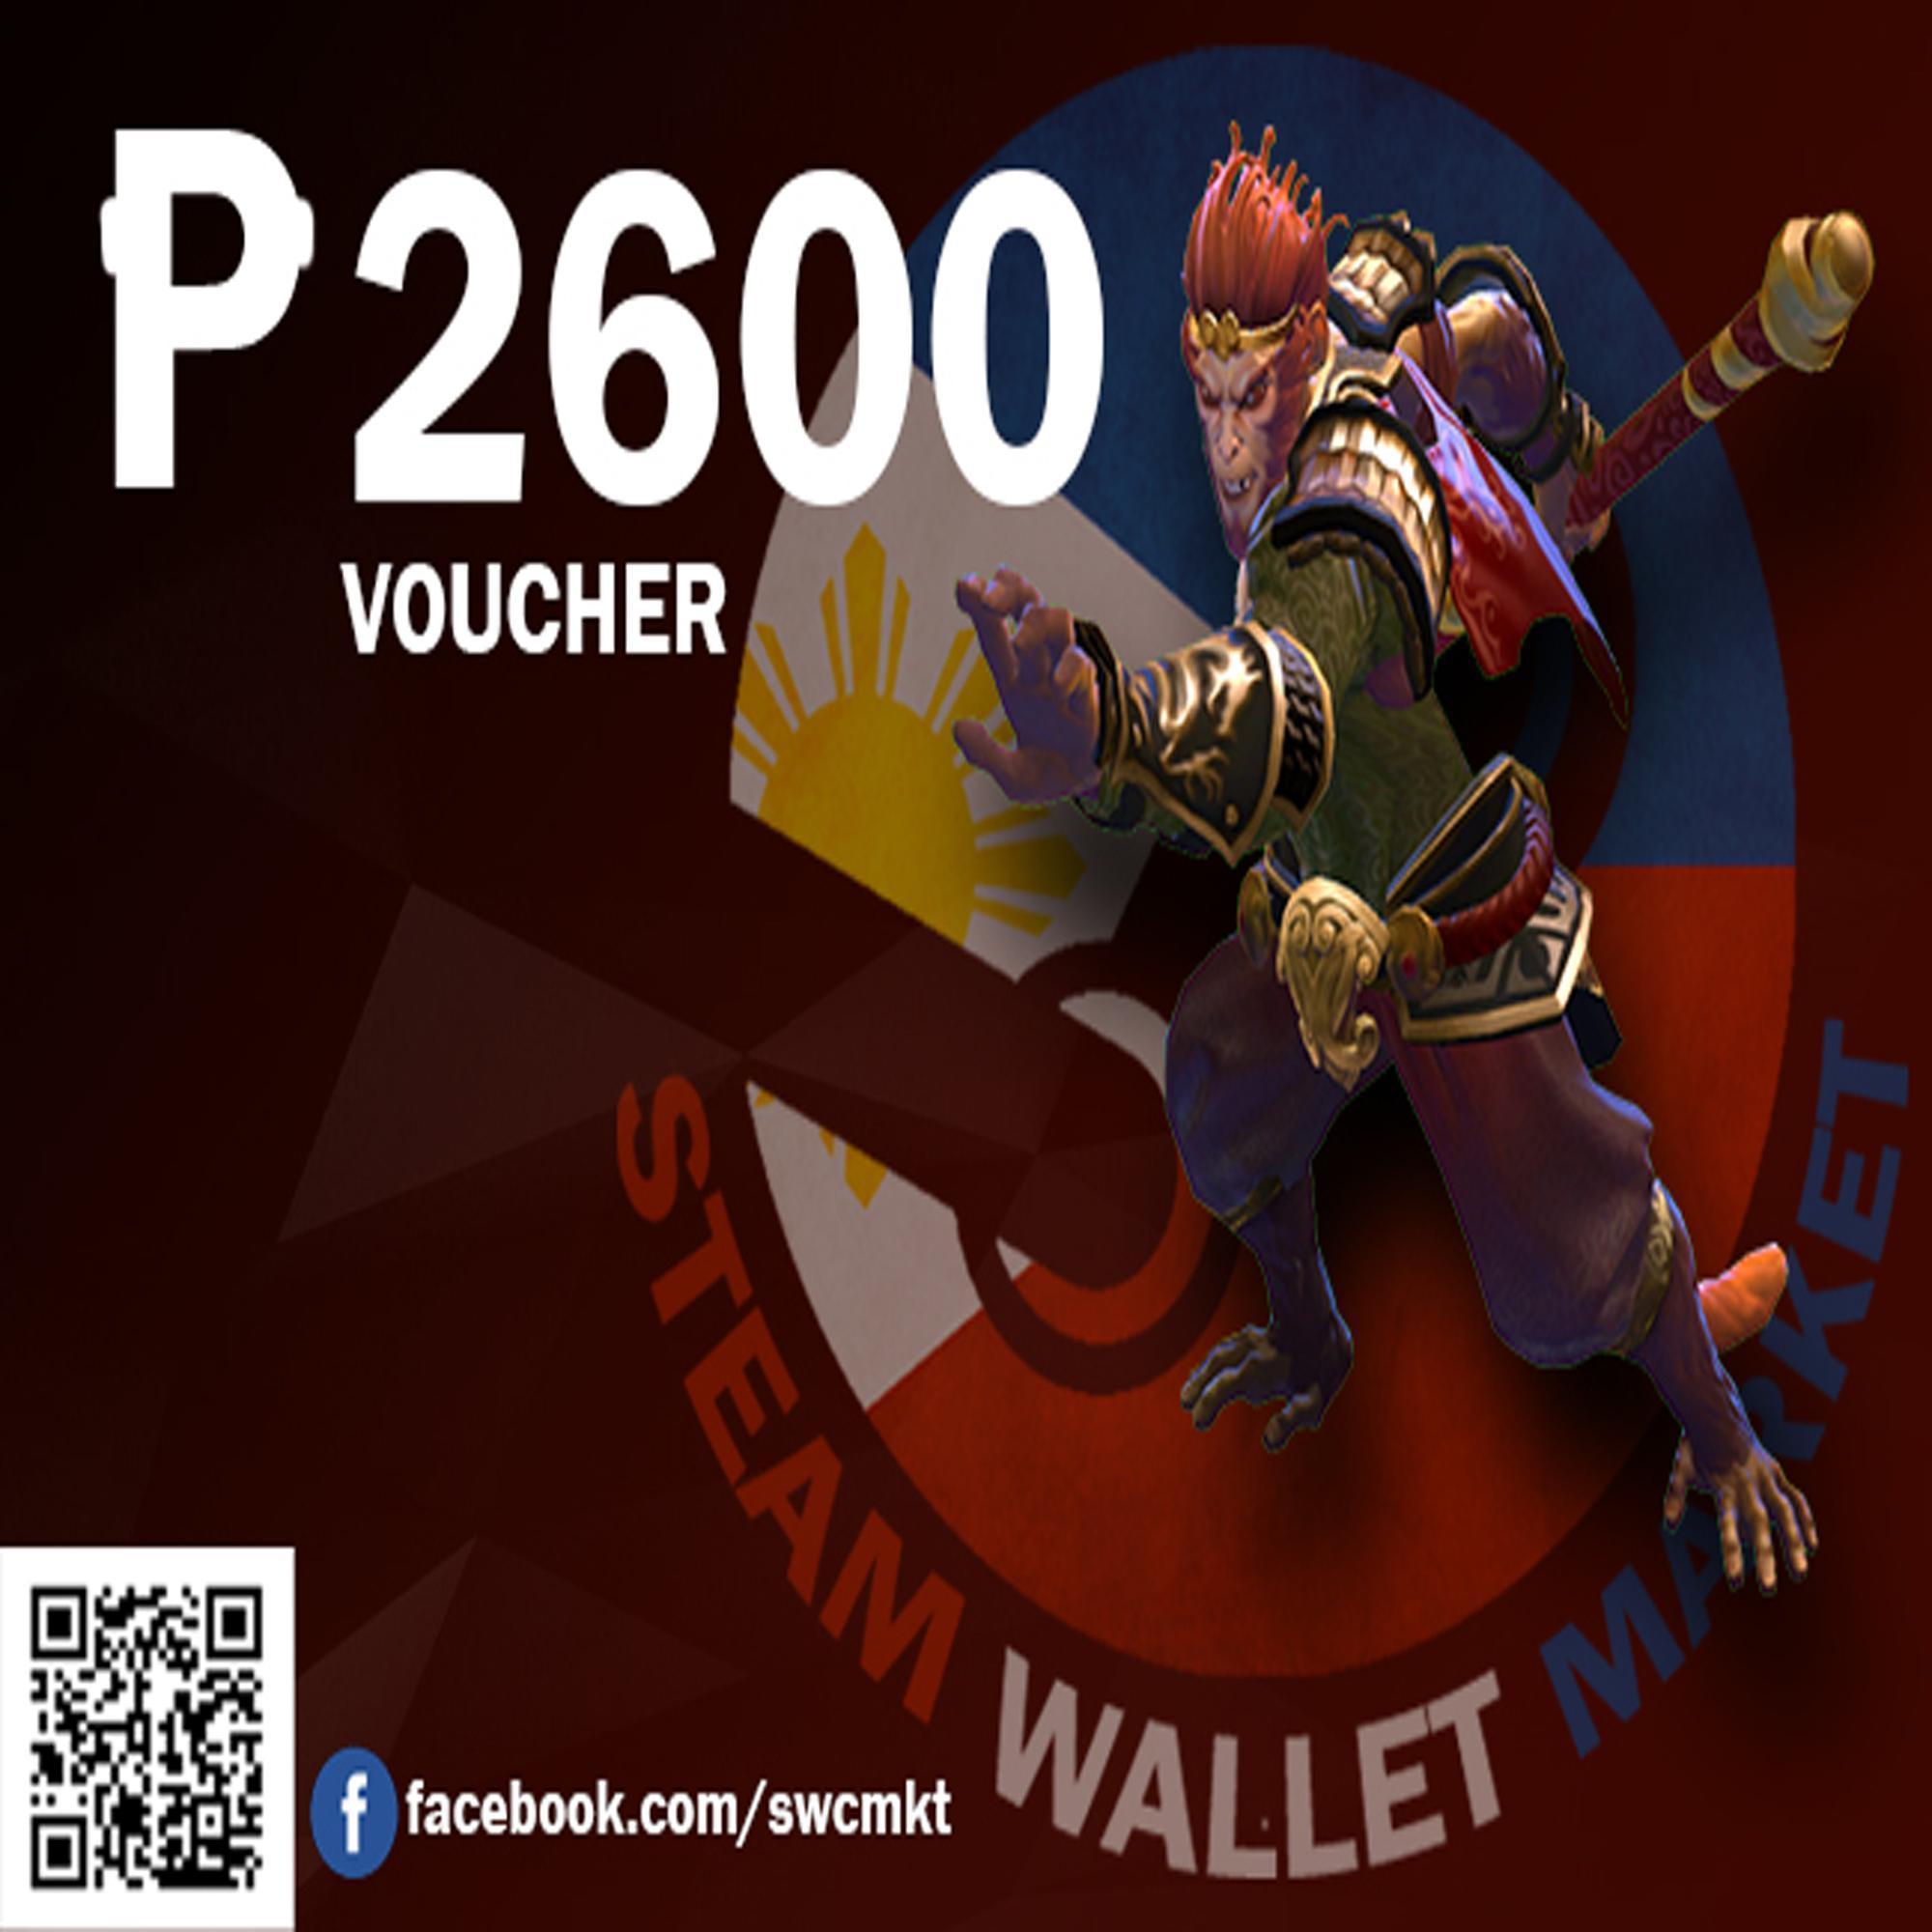 Promo Harga Steam Wallet Sgd 20 Terbaru 2018 3in1 Lusinan Sabun Beras Thailand K Brothers Tiga Manfaat Dlm 1 Jauh Lebih Buy Sell Cheapest Code Lyoko Best Quality Product Deals